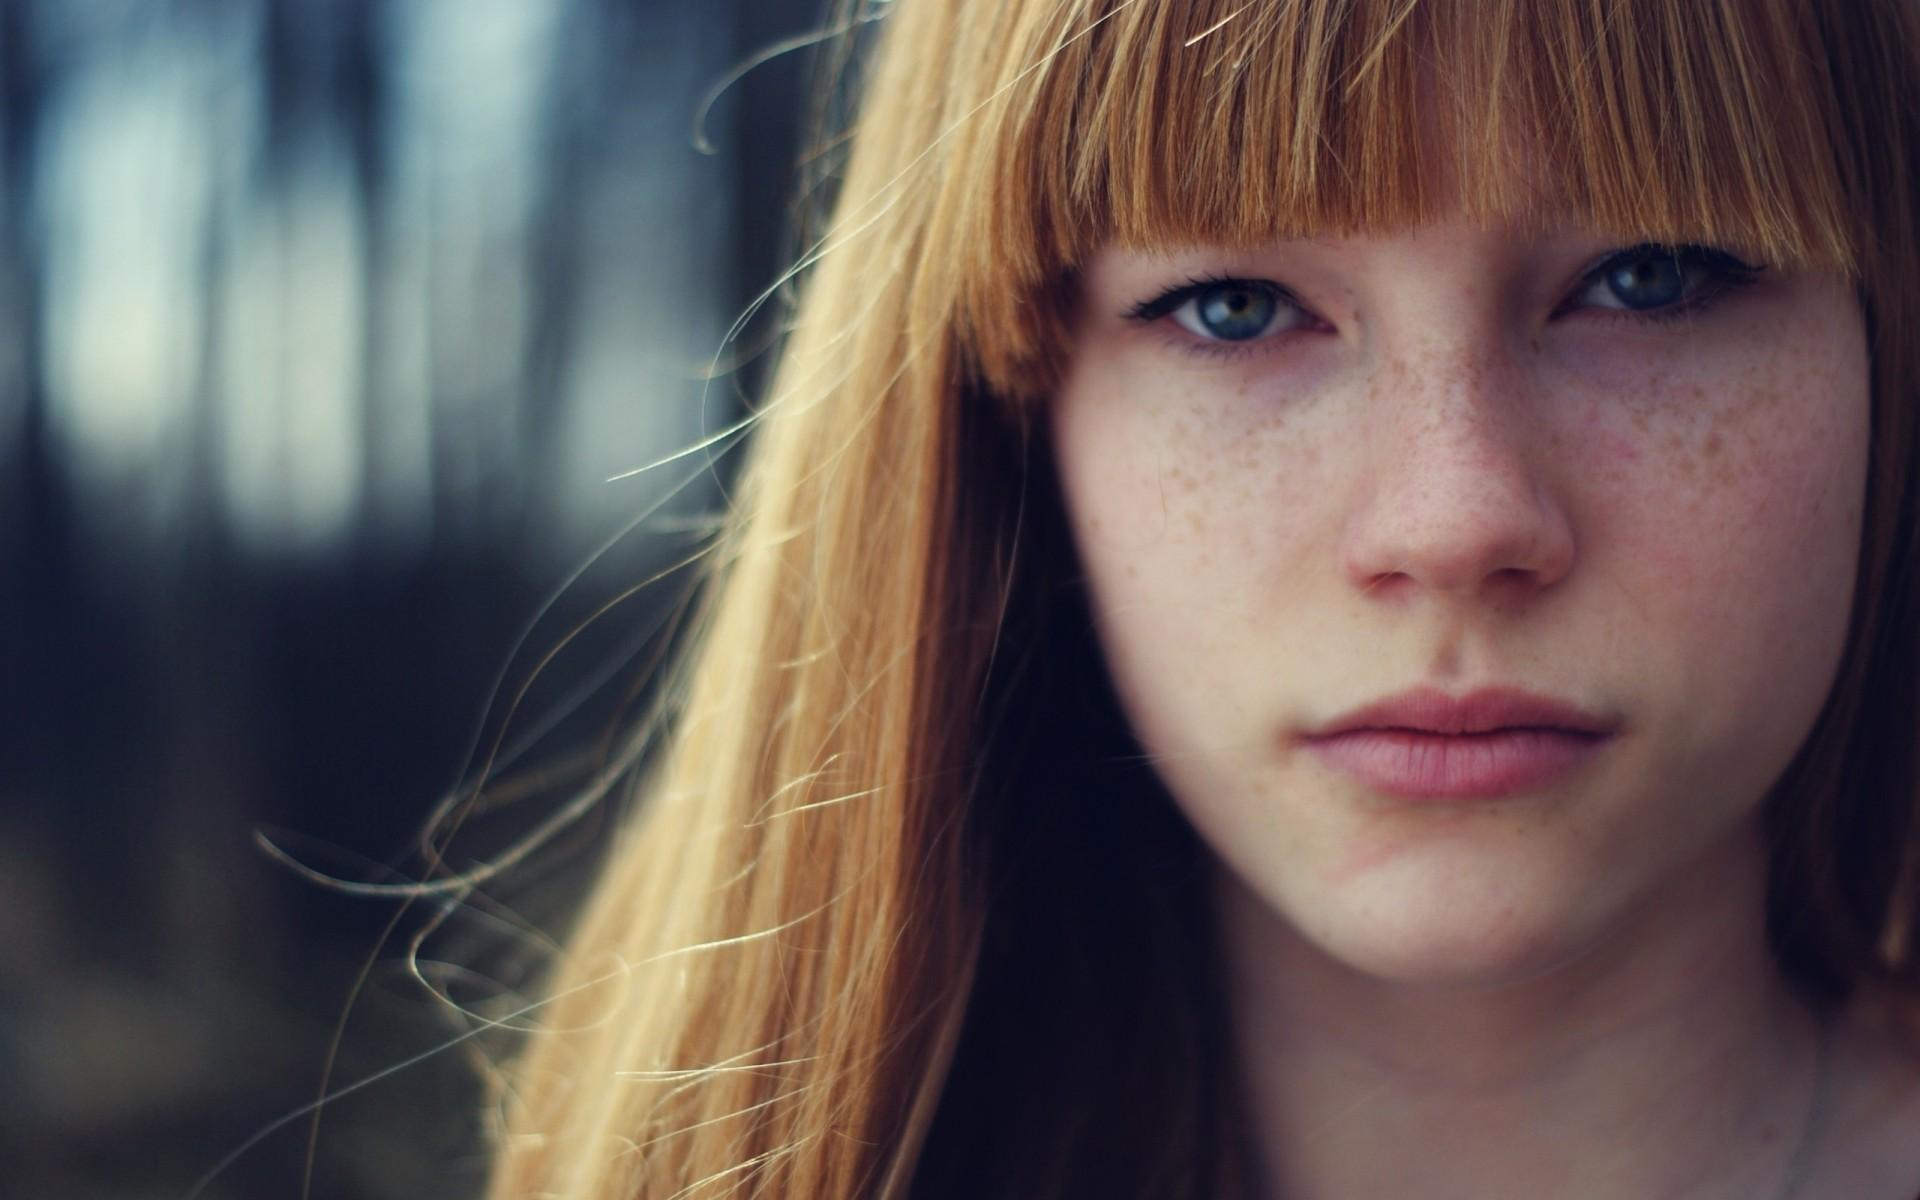 high-school-freckled-girls